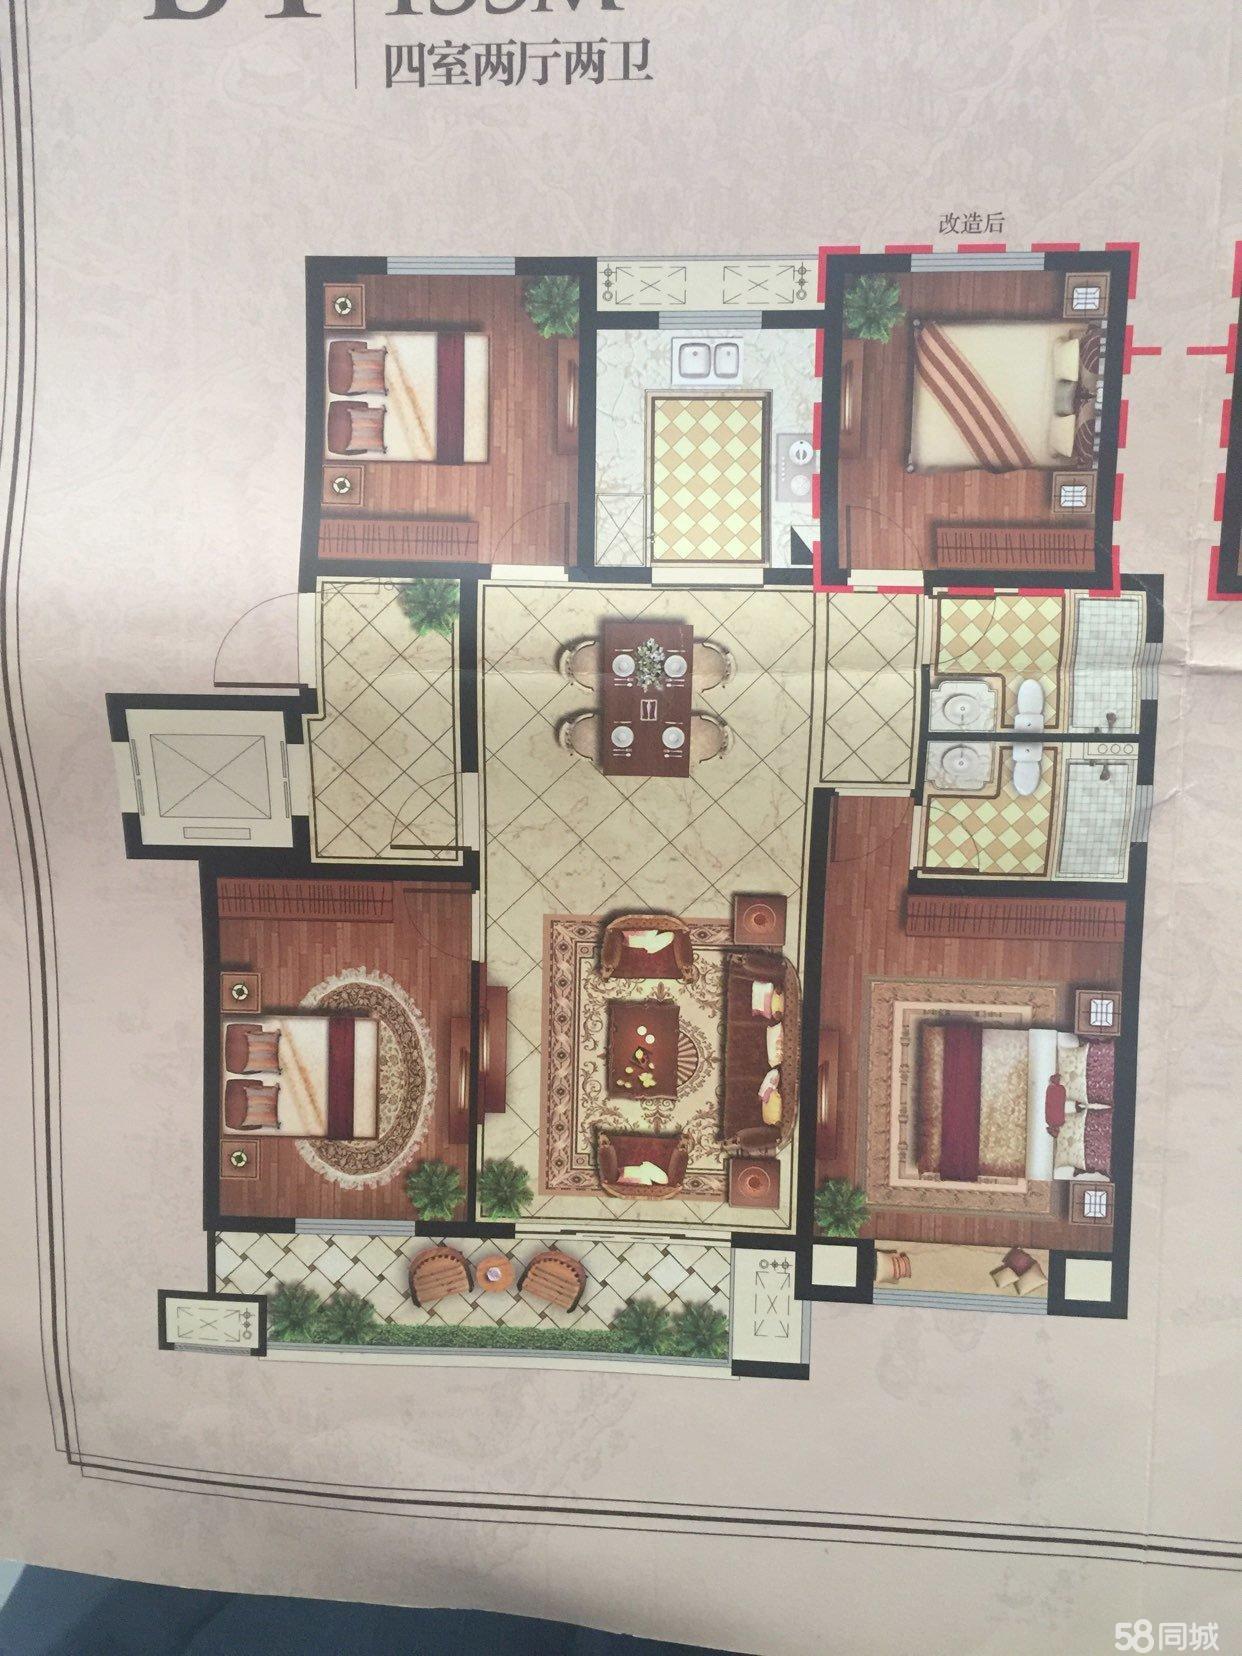 中梁壹號院多層洋房一手房4室2廳2衛140平方左右低首付